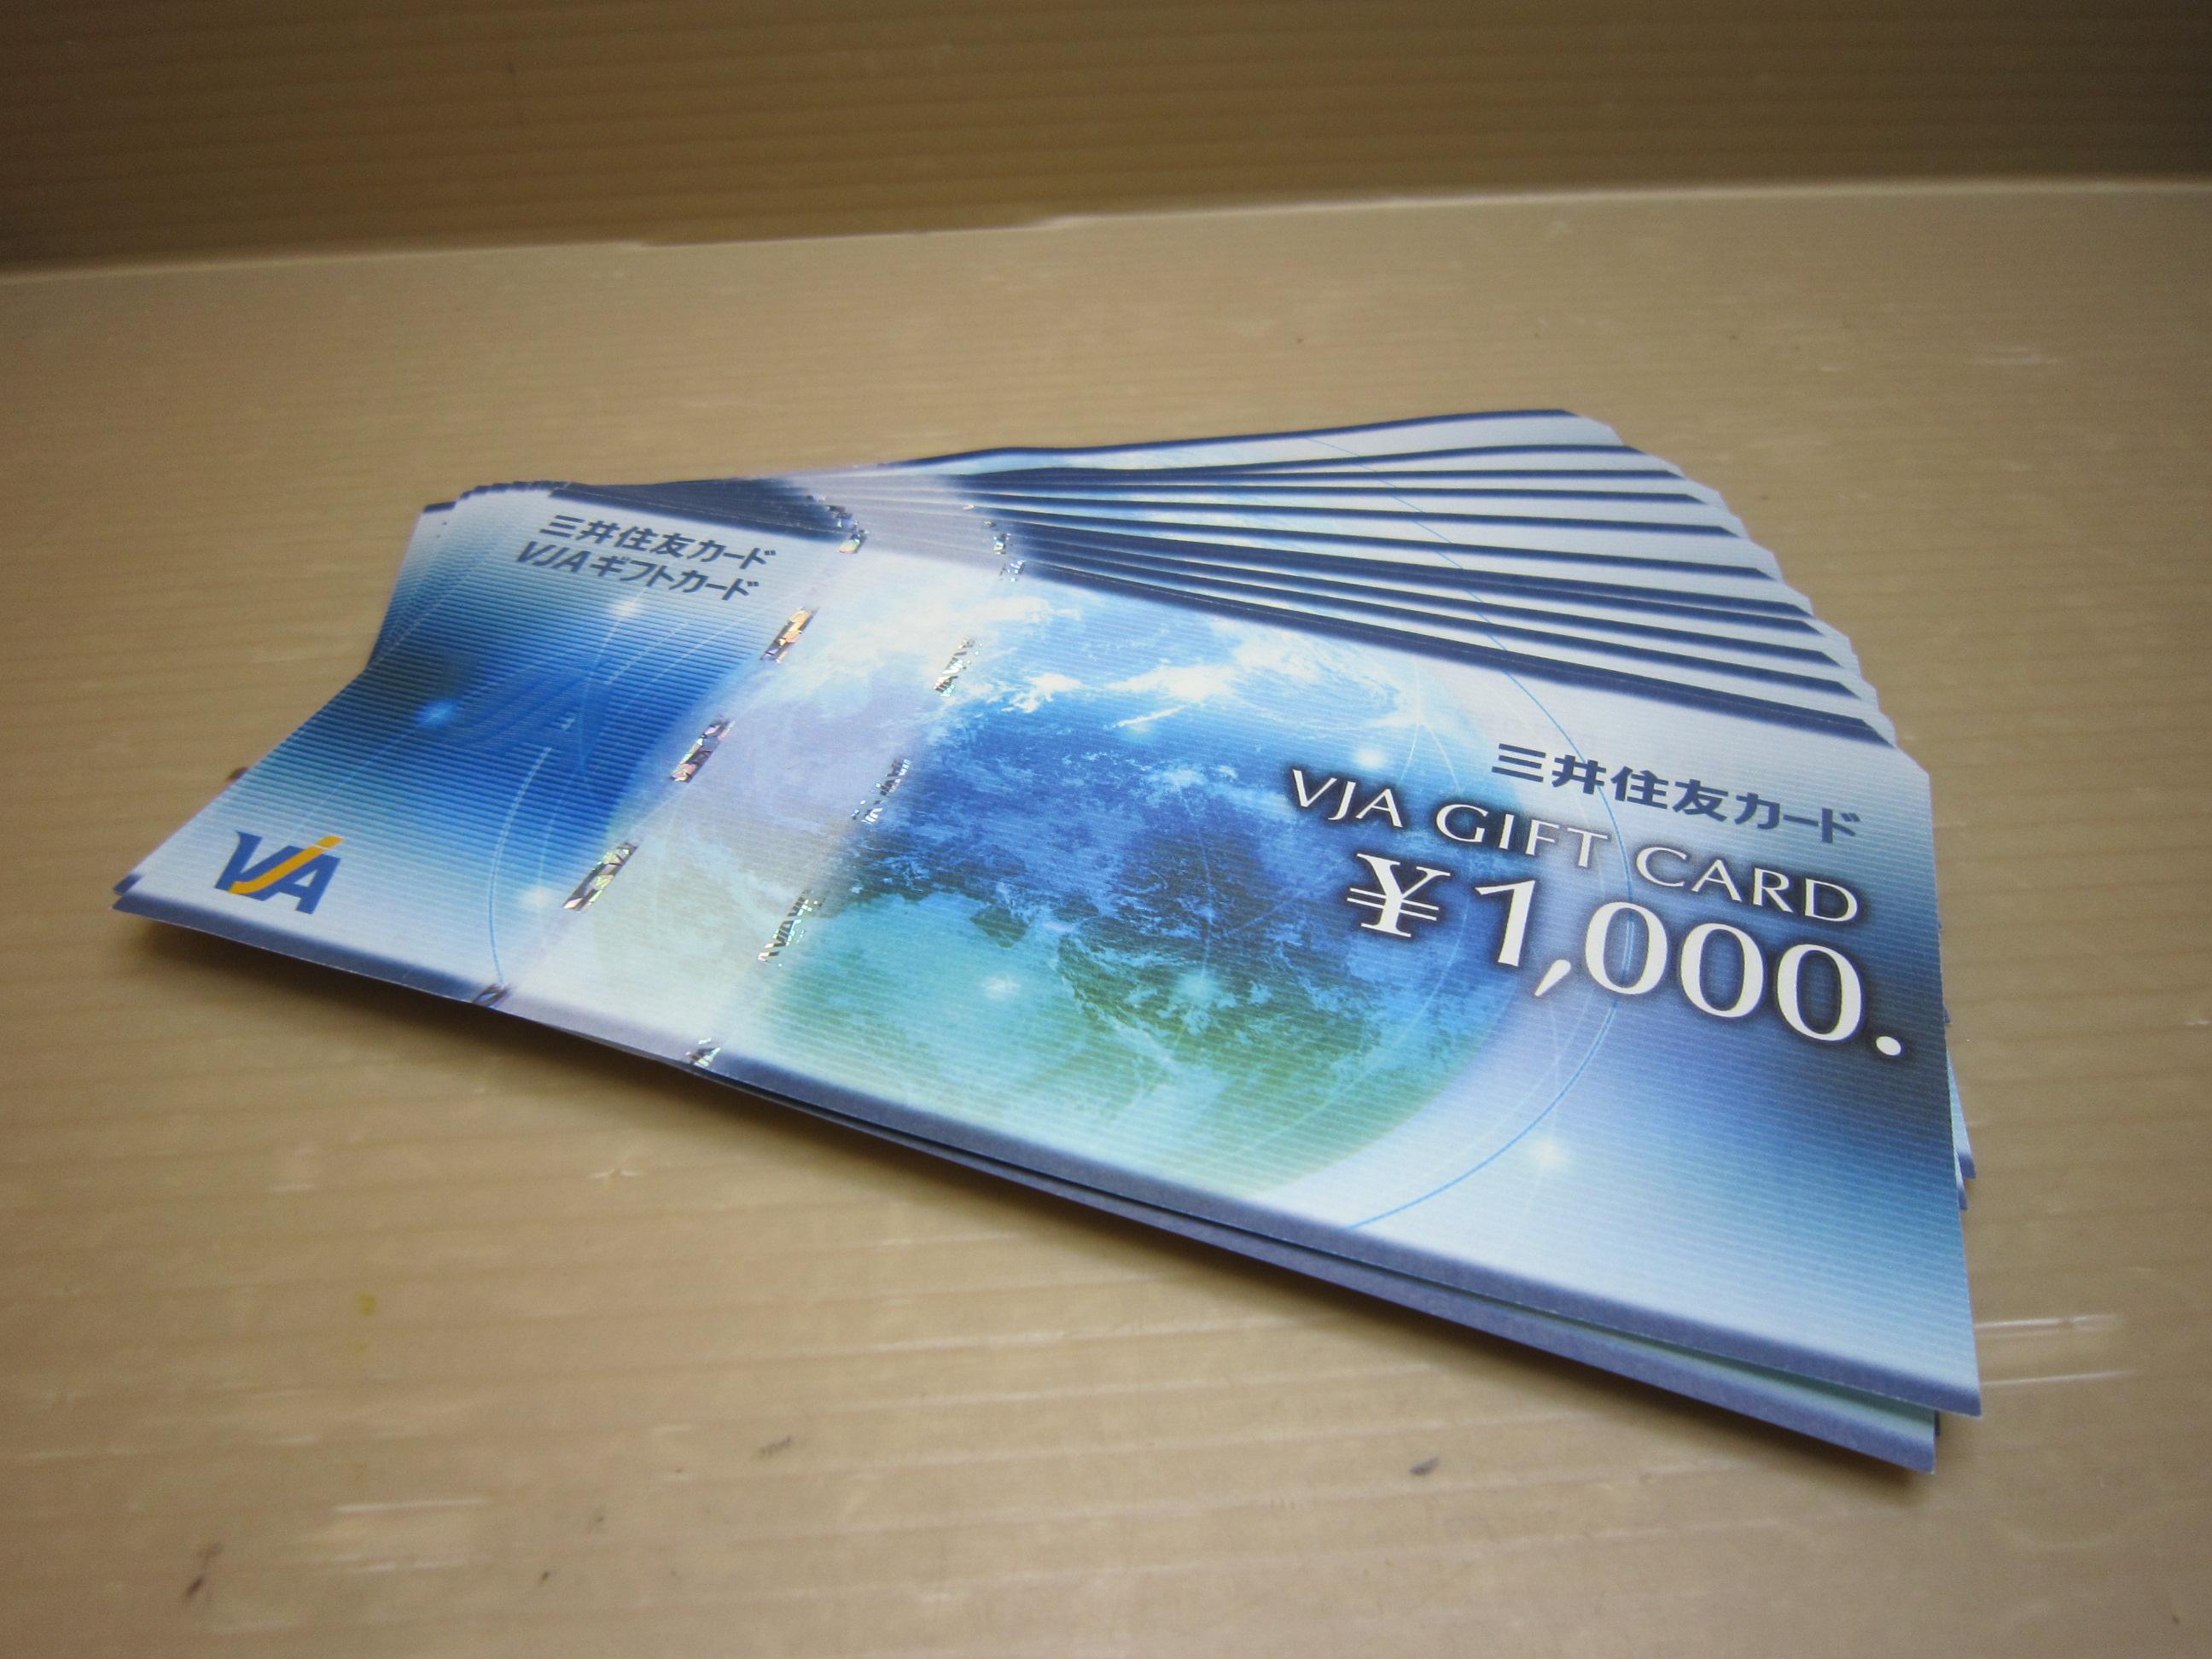 bd669ed0e4ce ジャム鳥取店|VJAギフトカード 商品券をお売りいただきました。金券売る ...